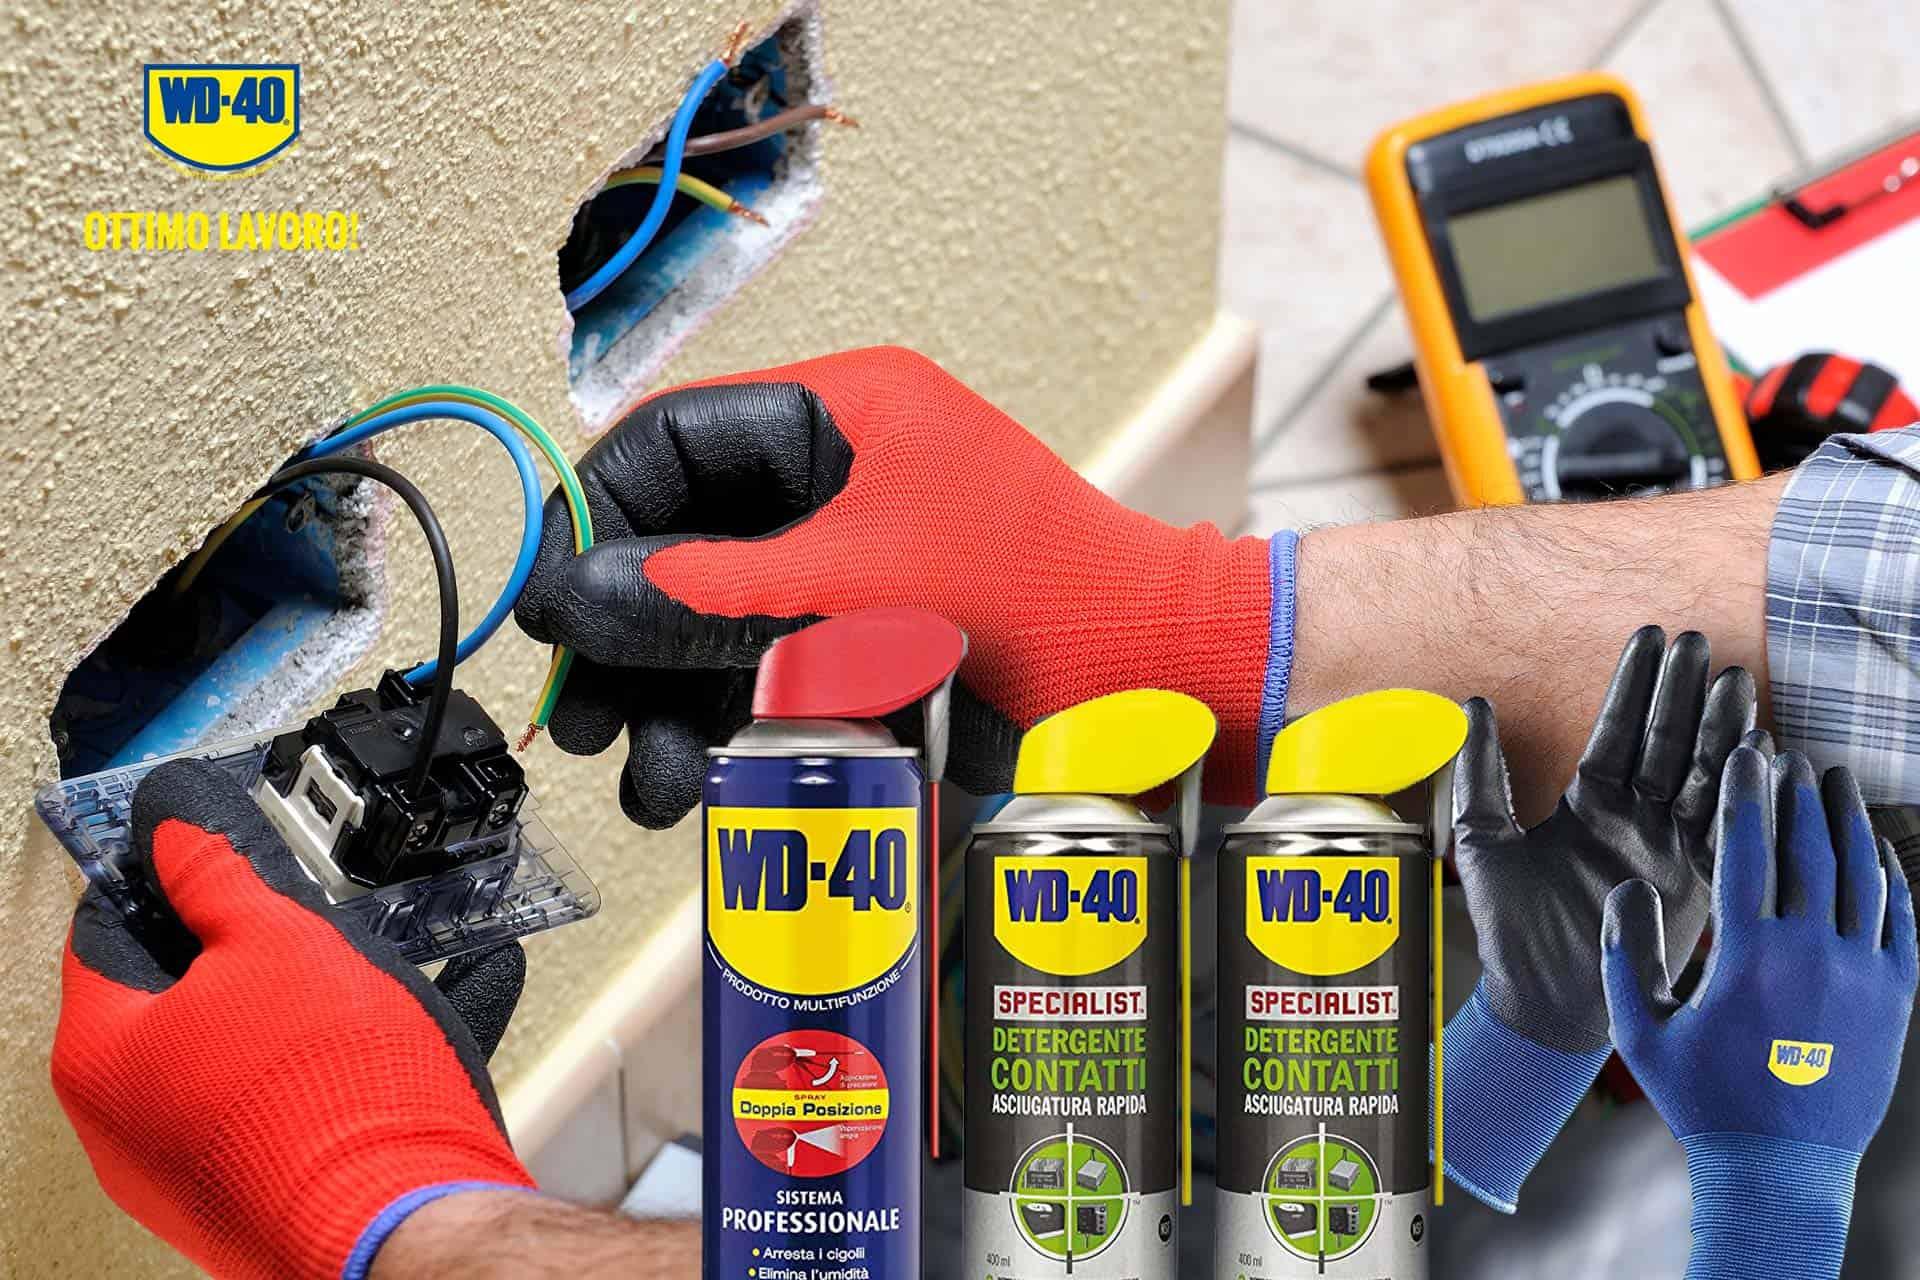 manutenzione impianto elettrico di casa